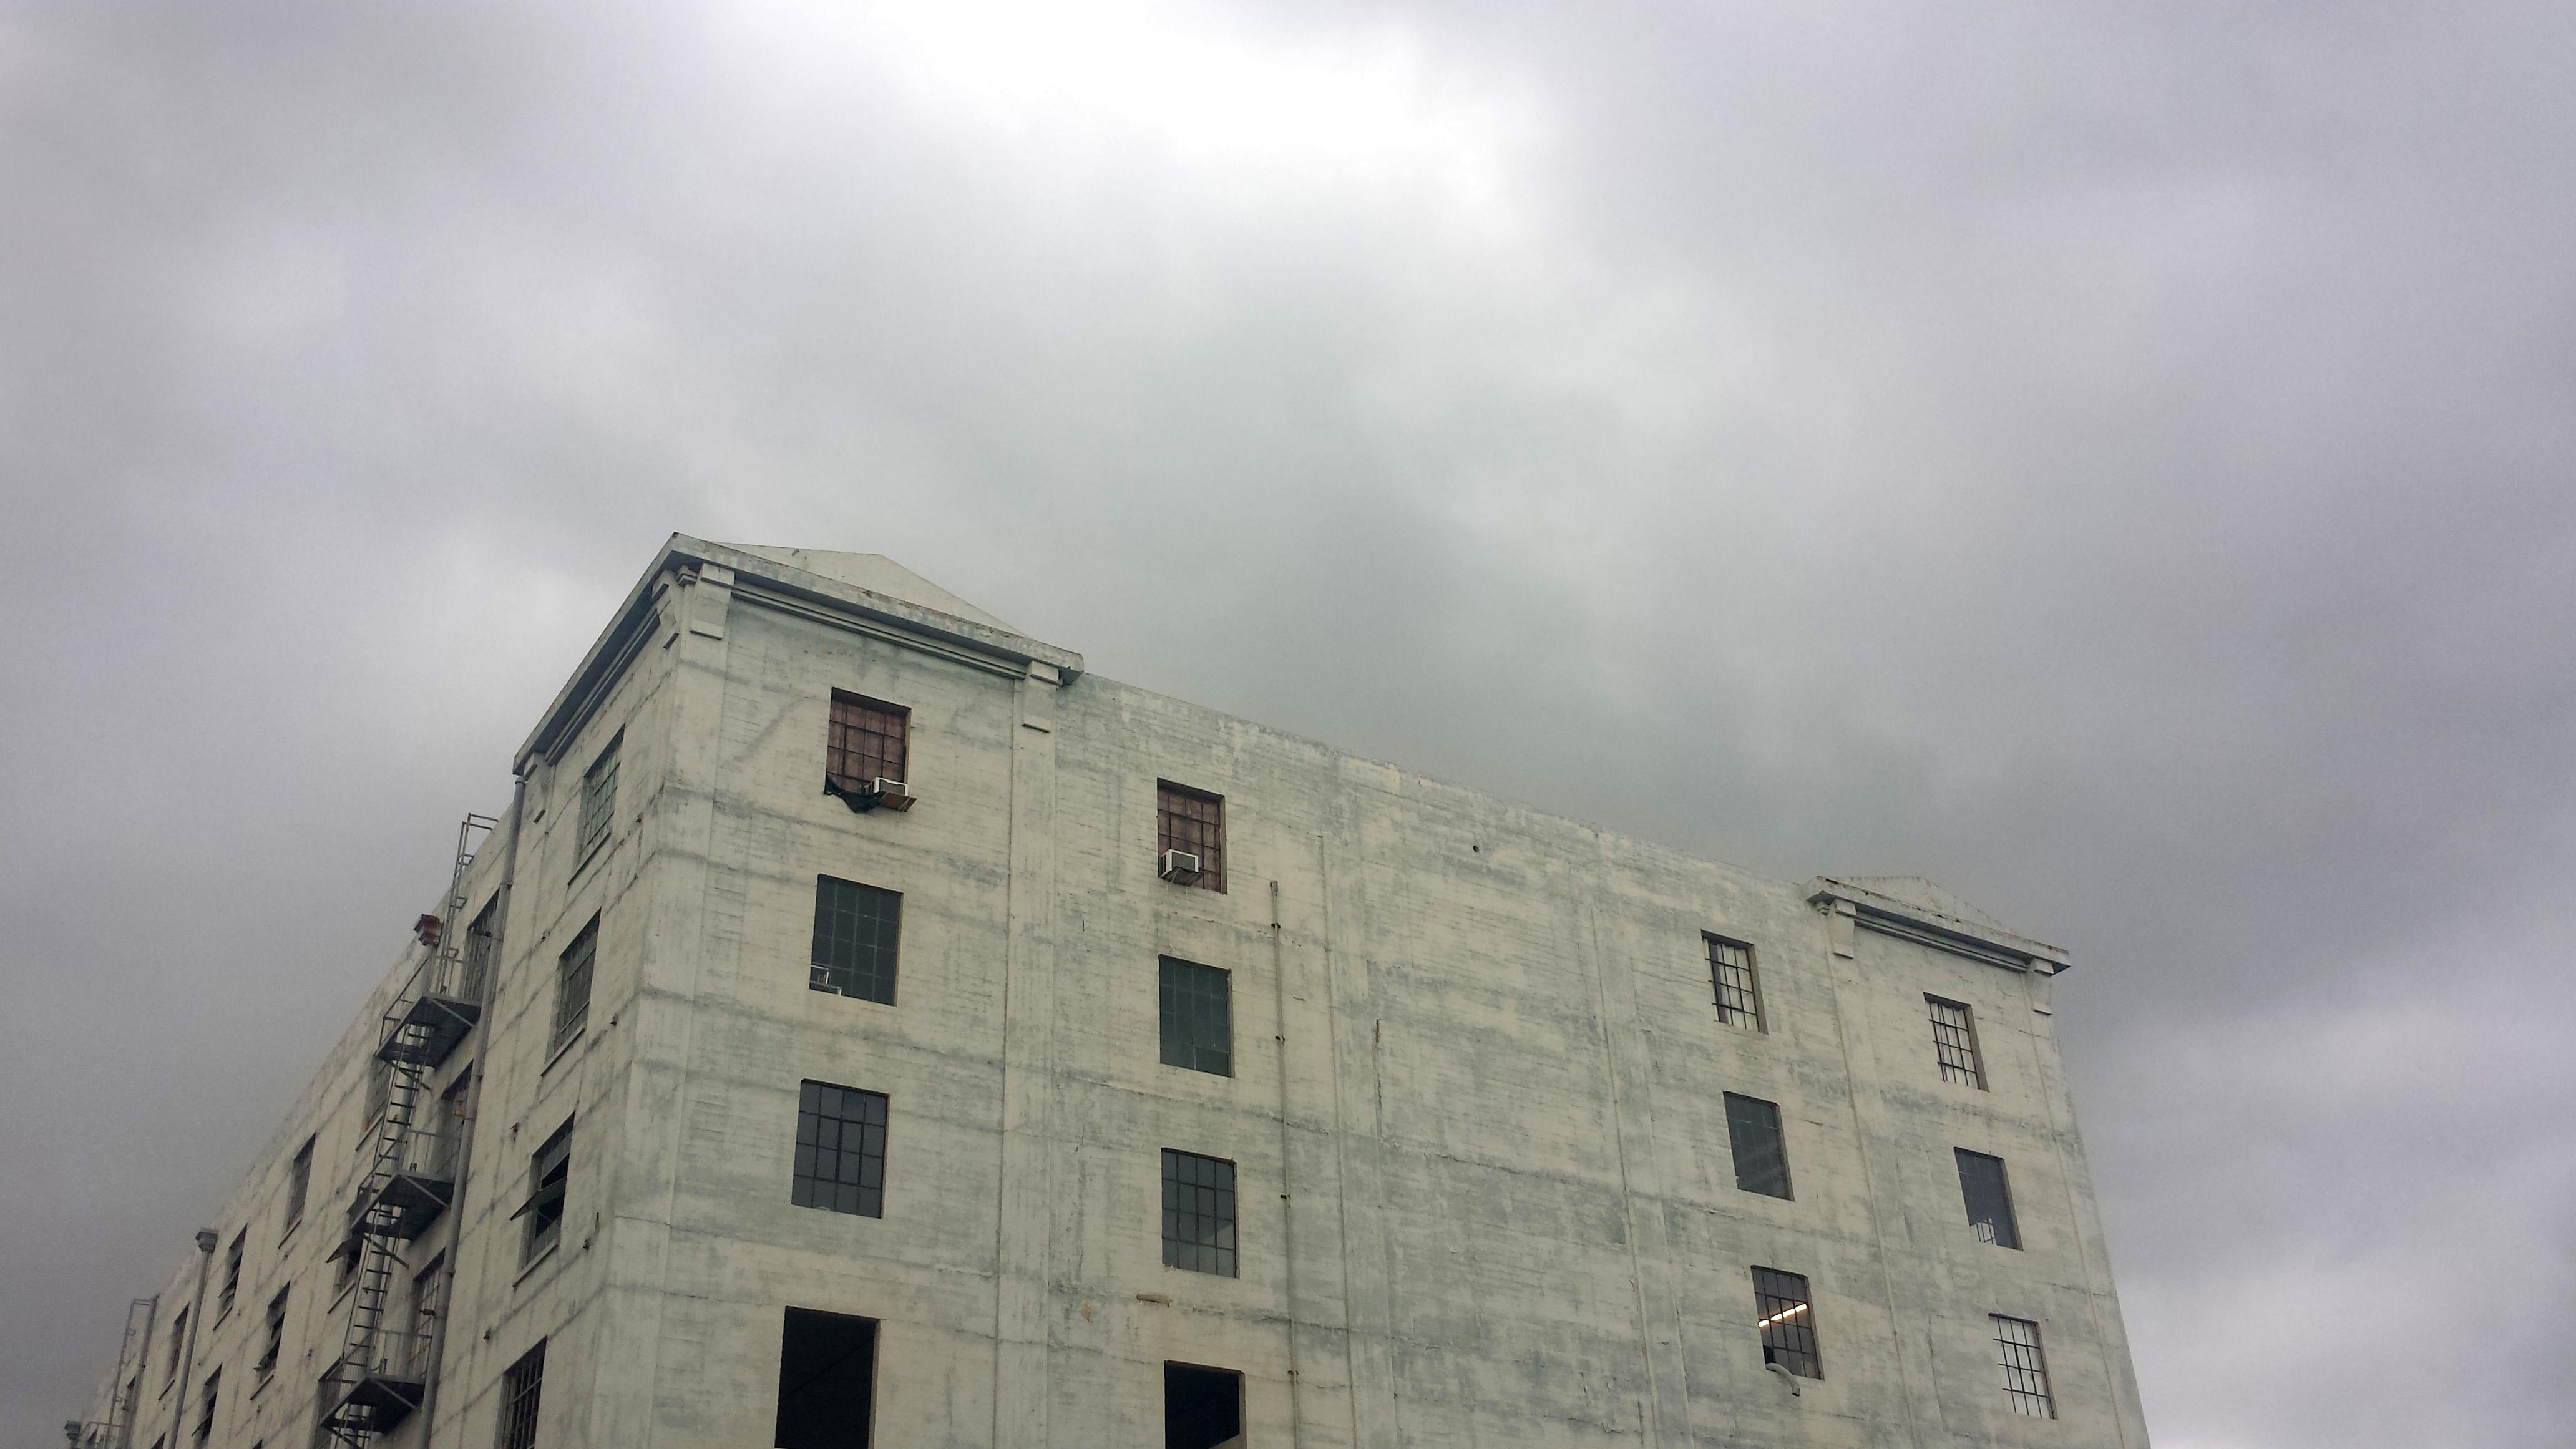 20171101_154848. Grey Sky Grey Building